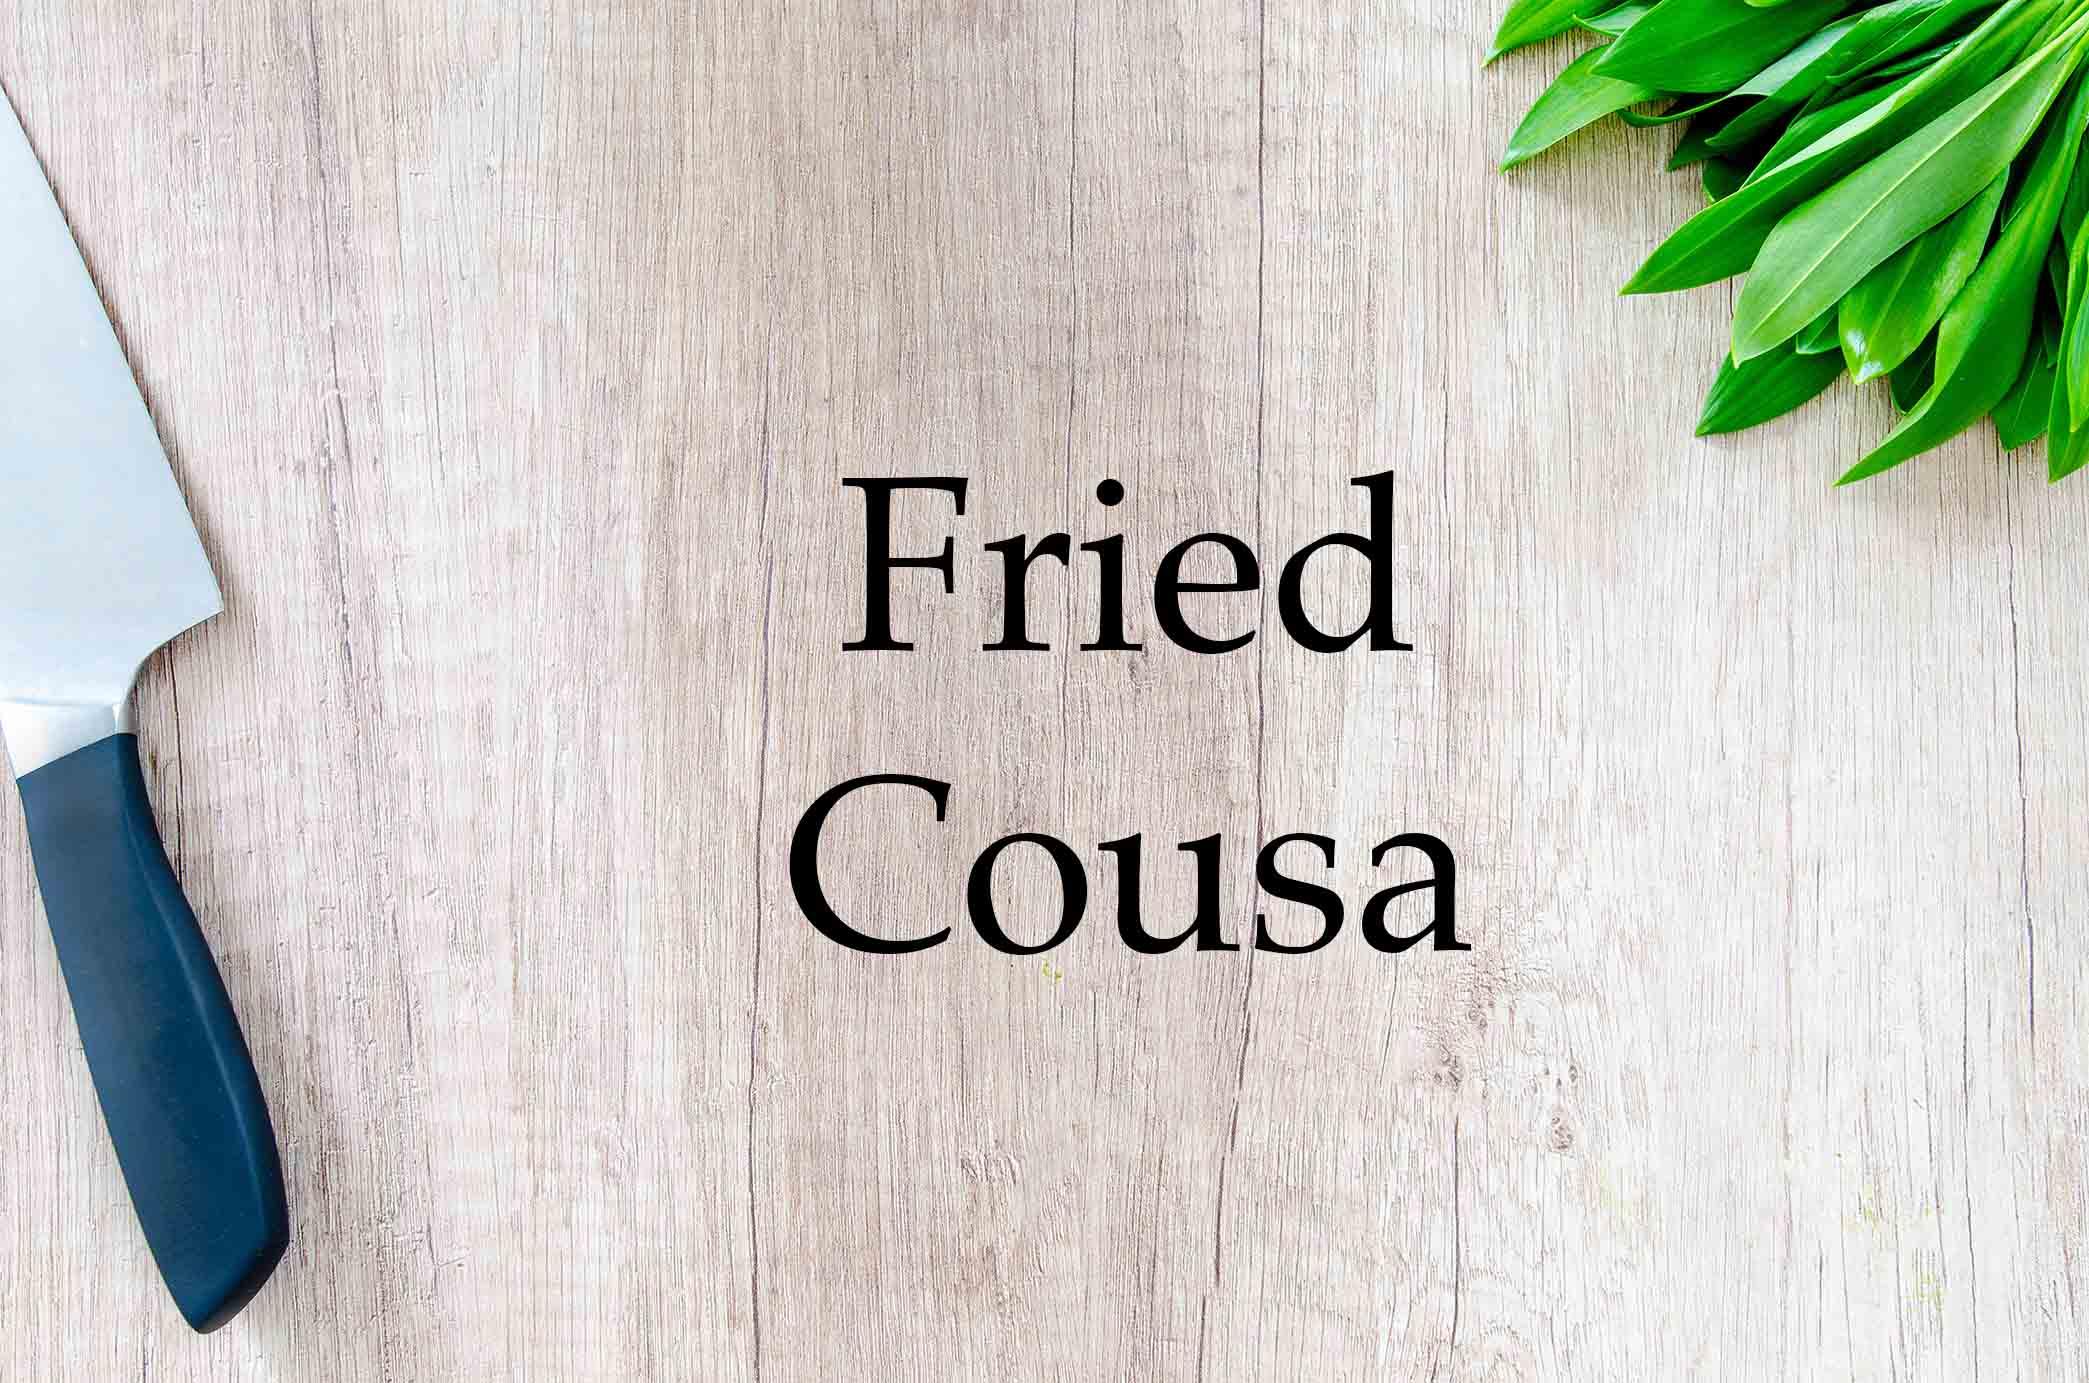 GrannyKeto.com Recipes: Fried Cousa